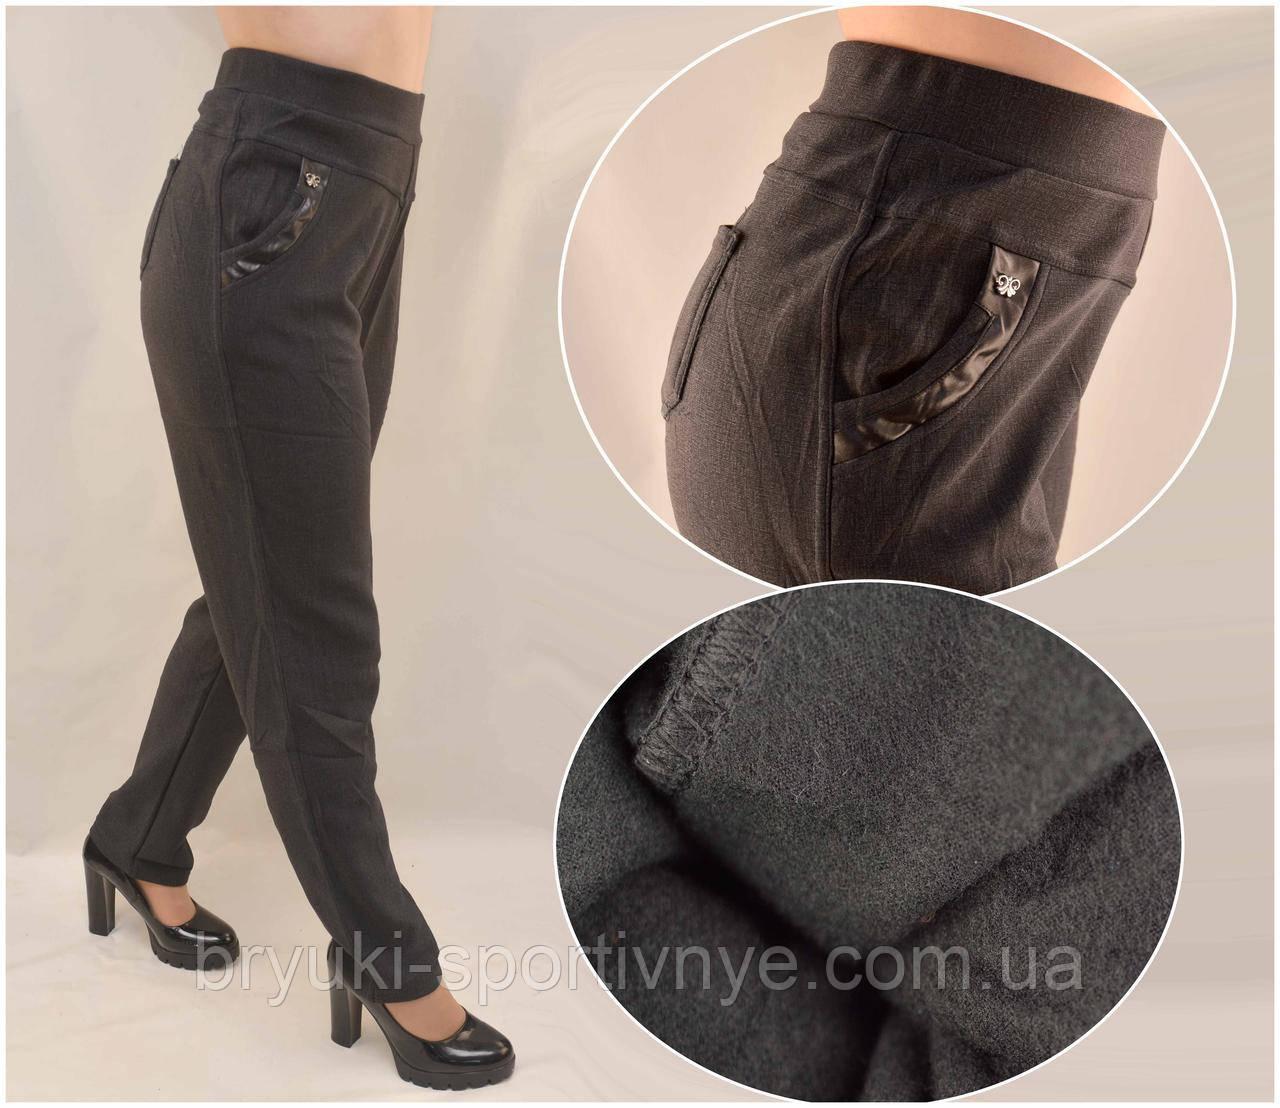 Штани жіночі на флісовій підкладці у великих розмірах 5XL - 7XL